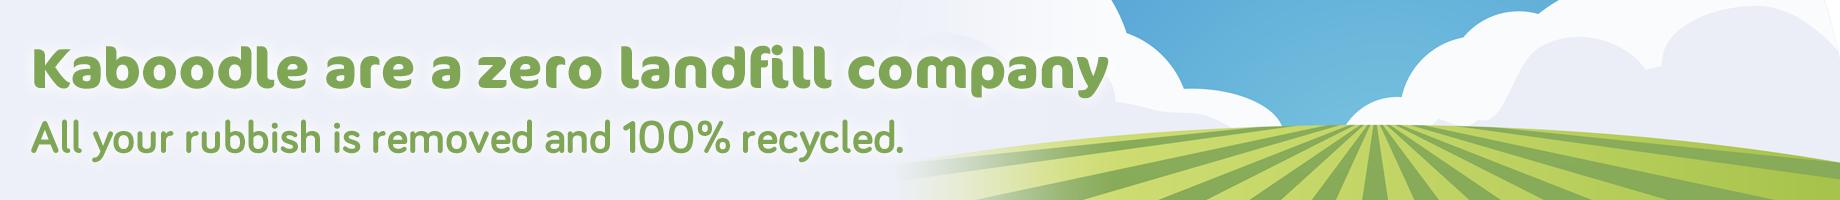 zero-landfill-company